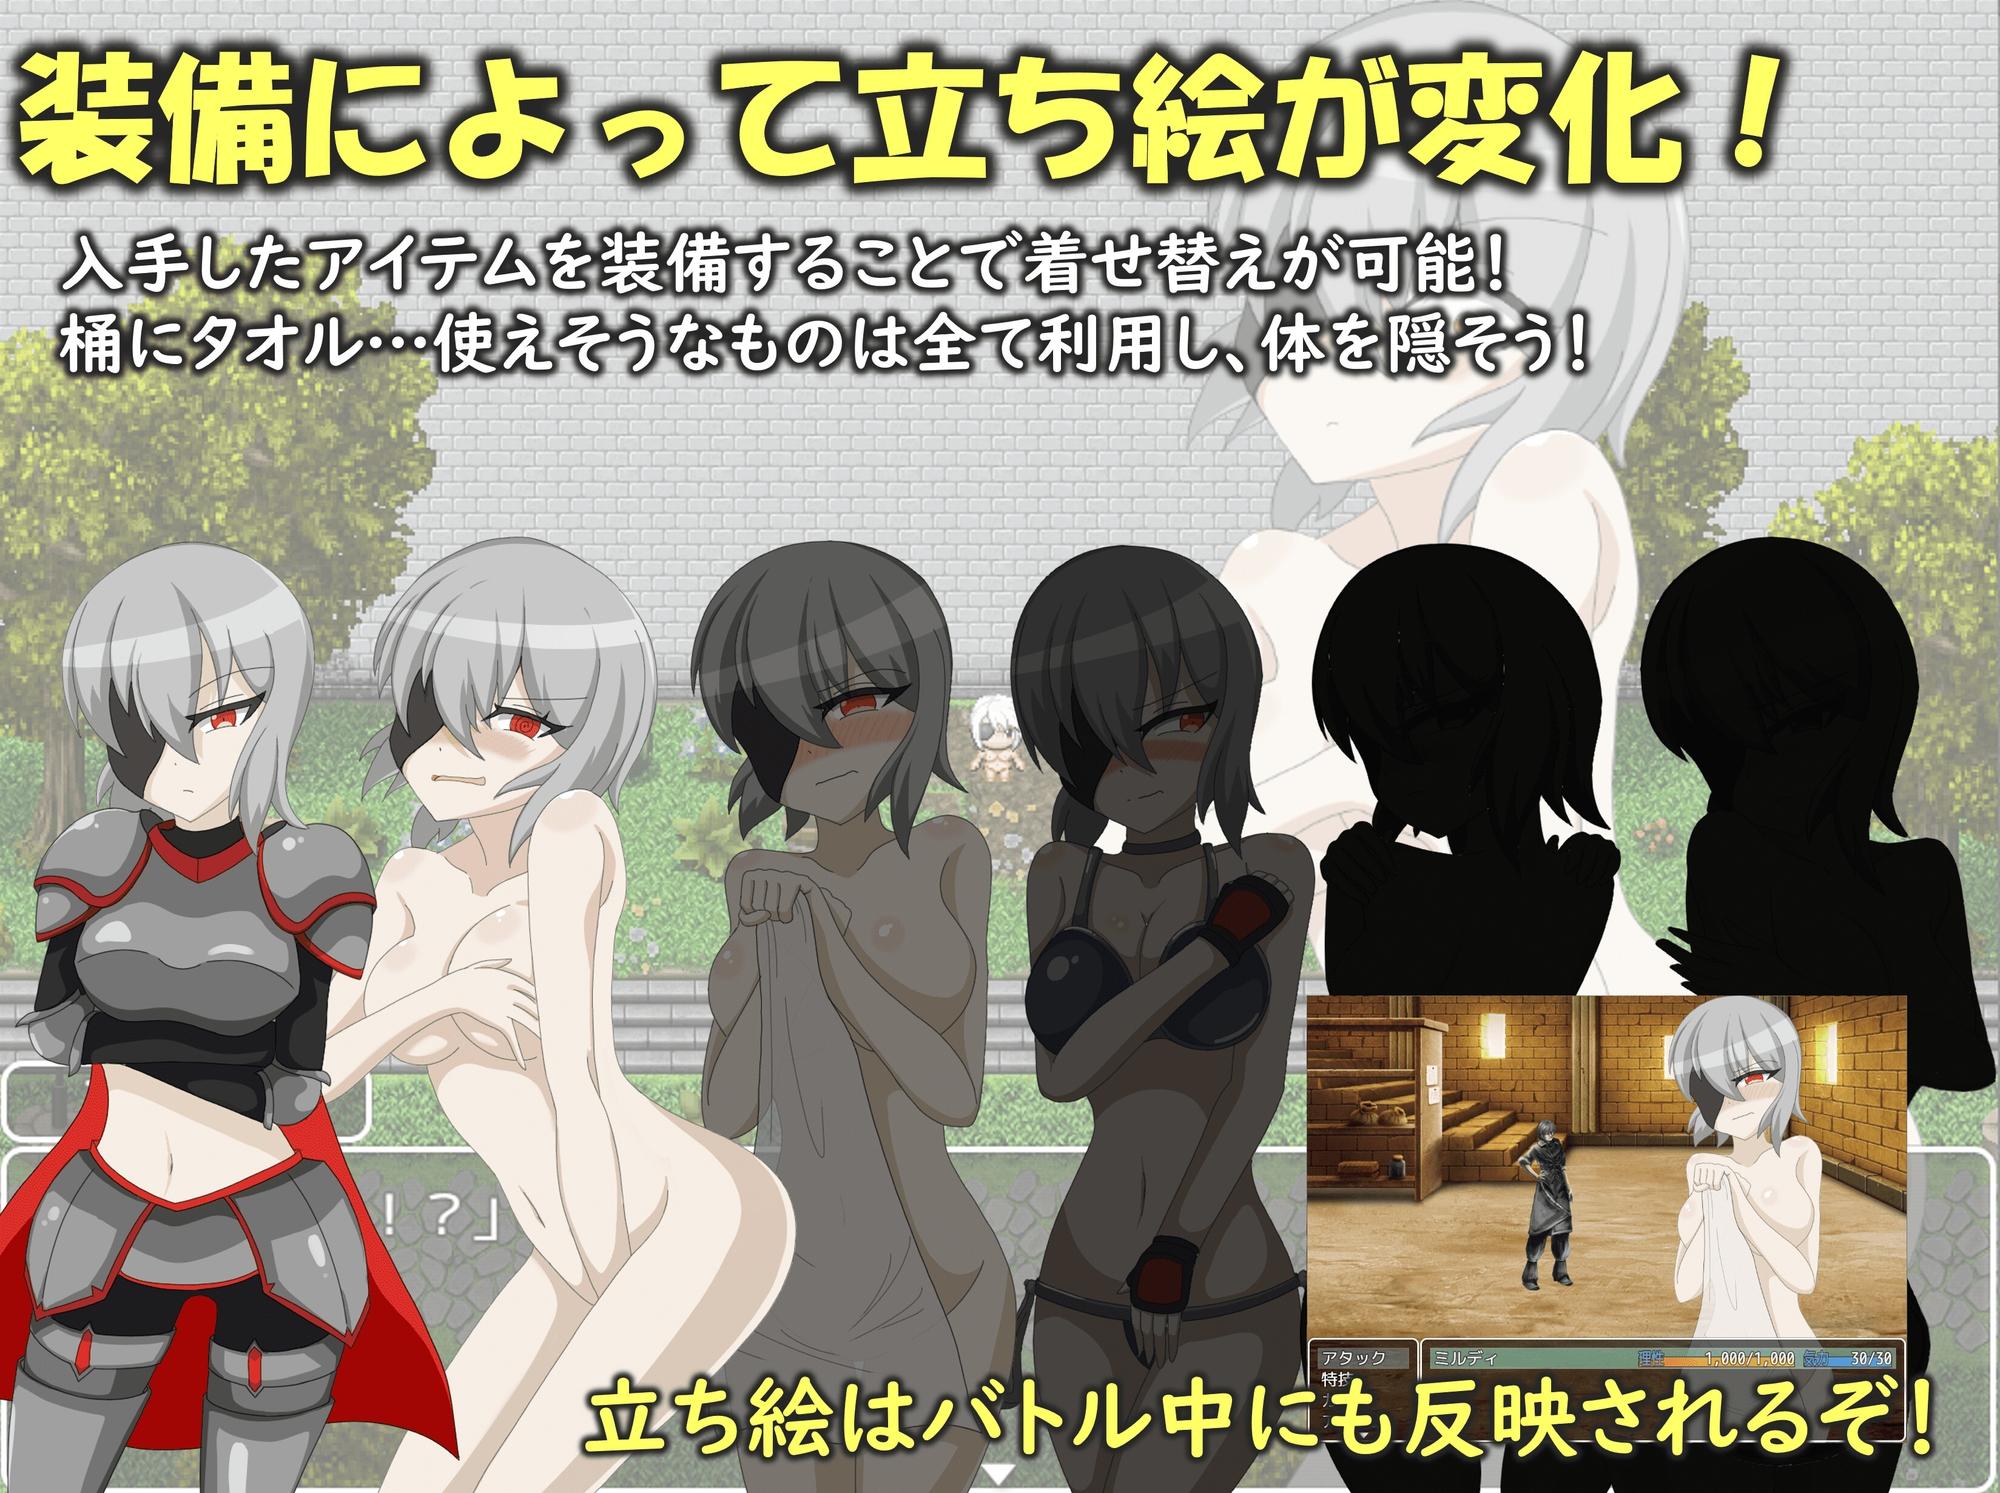 全裸疾走!女騎士様! (眼帯ドクロ) DLsite提供:同人ゲーム – ロールプレイング